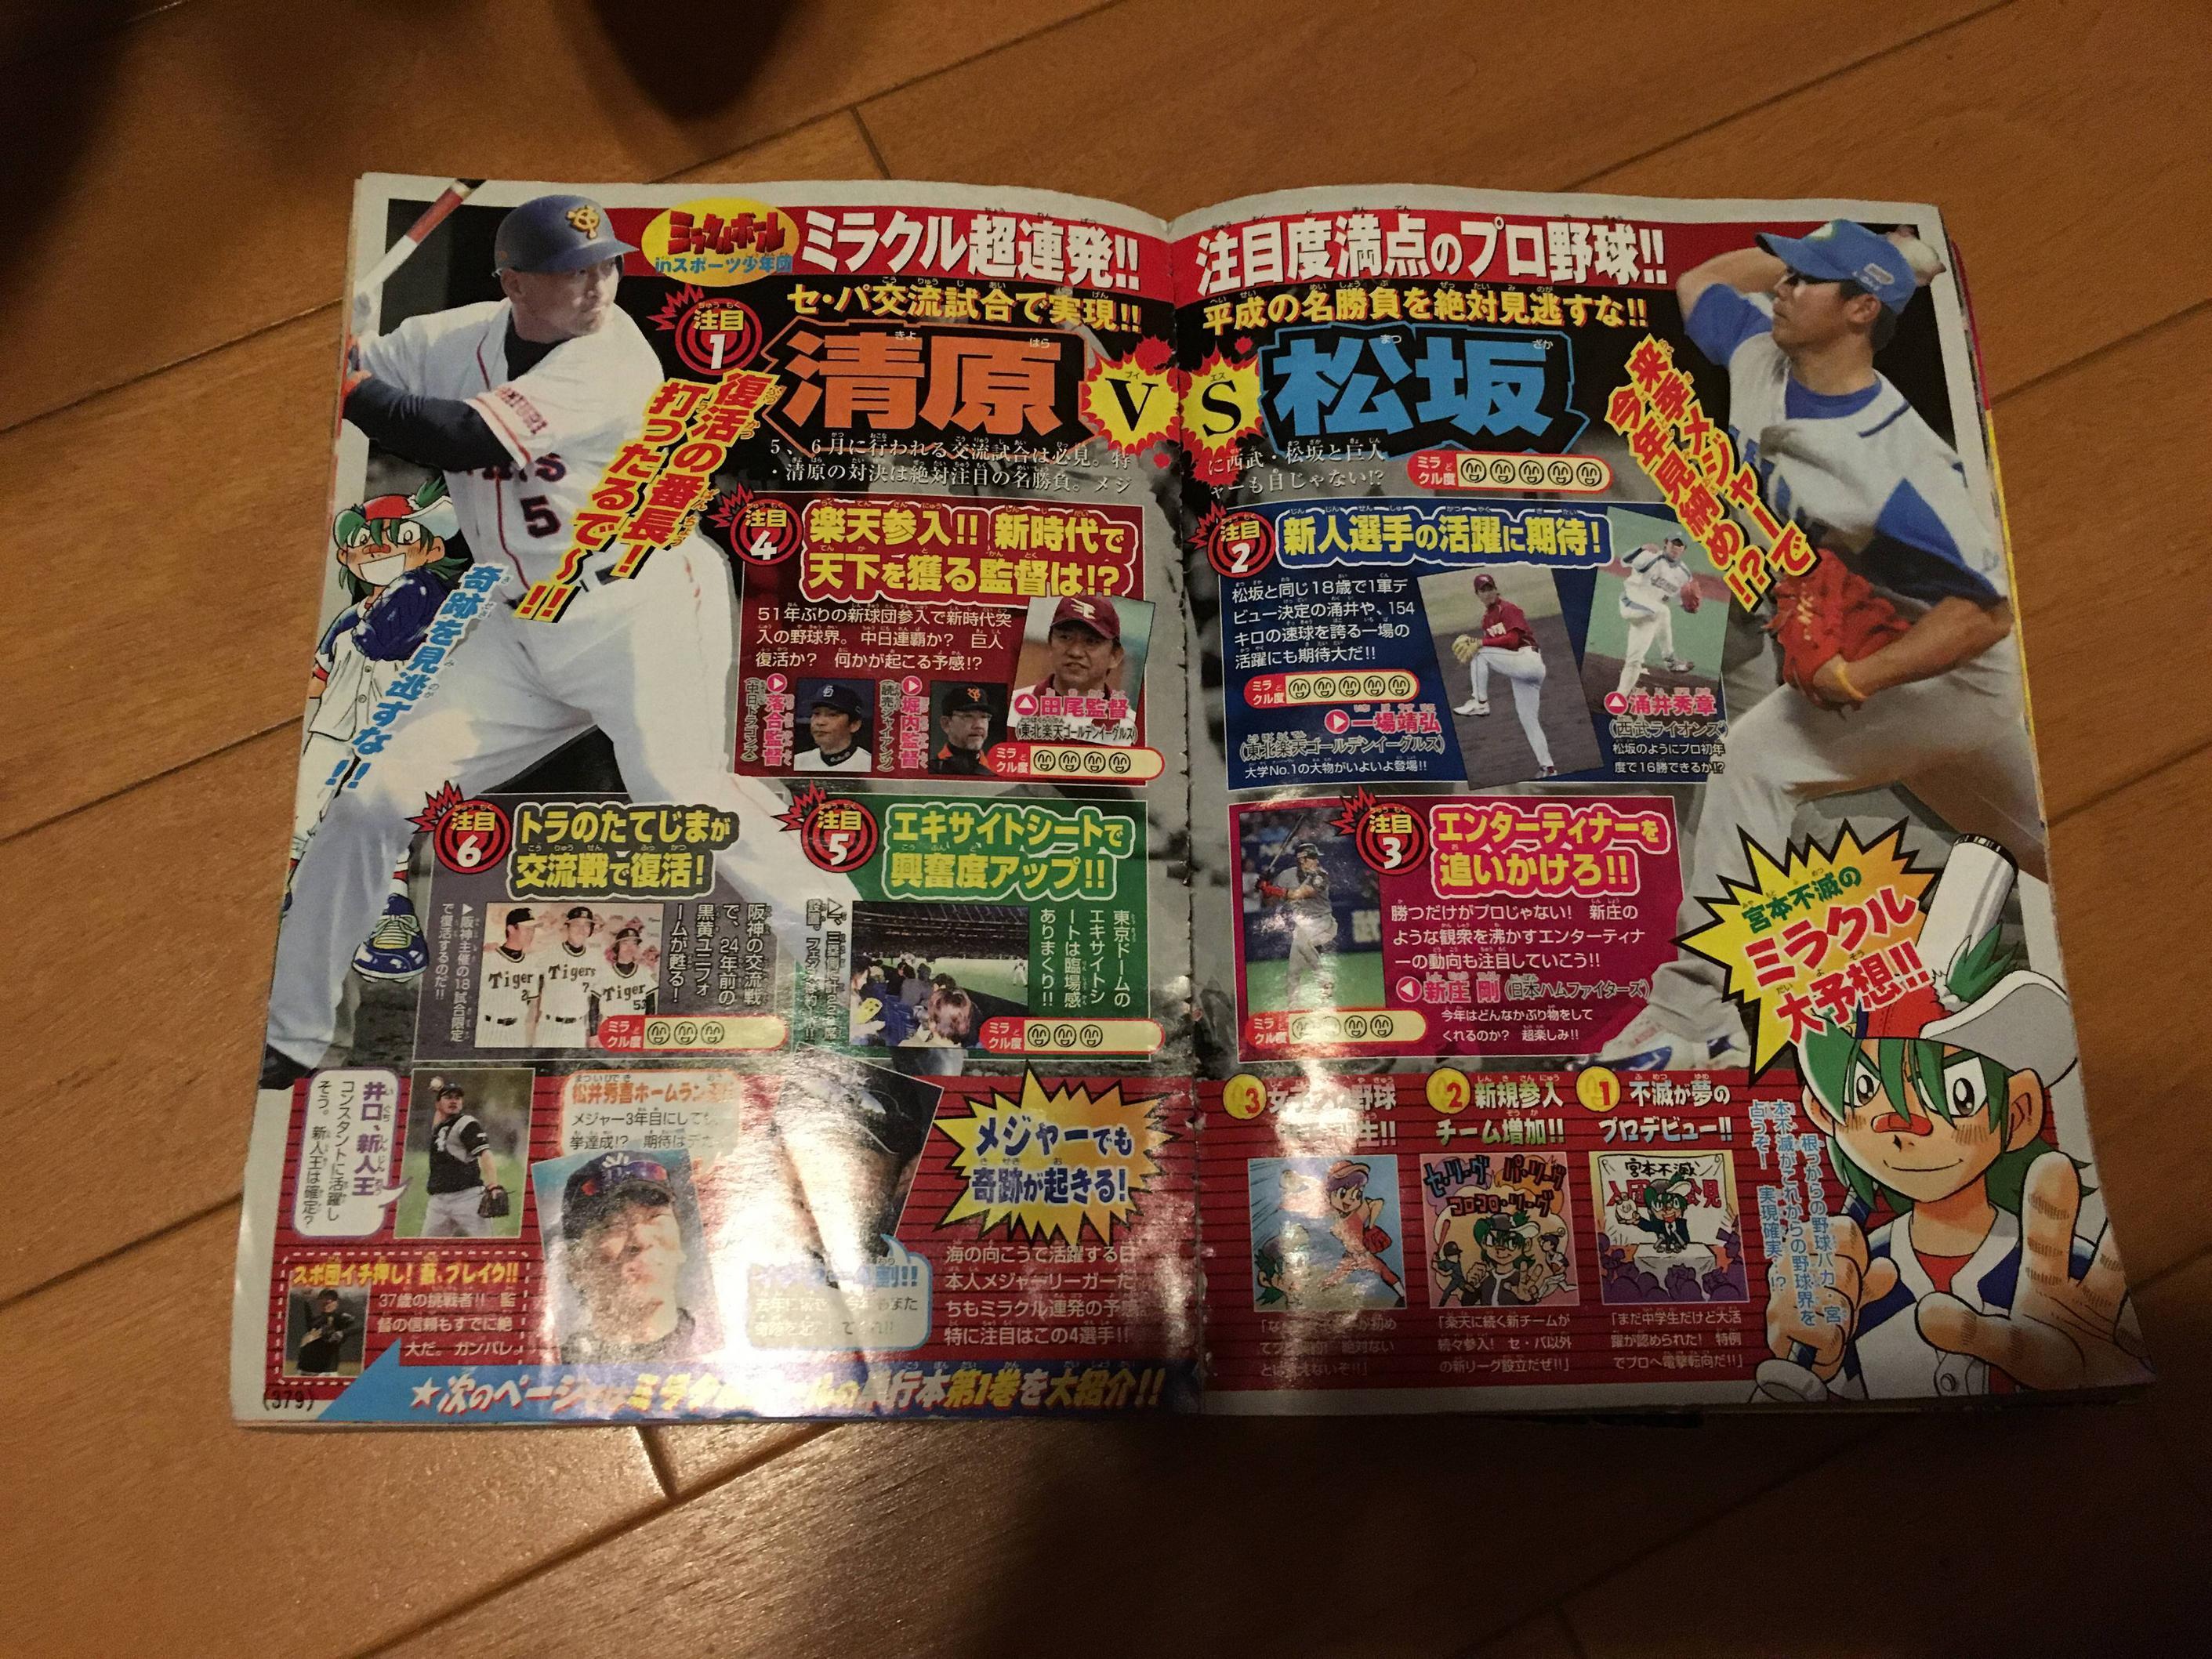 2005年5月のコロコロコミックの野球記事wwwwww - きうり♪やきう♪きうり♪@なんJ